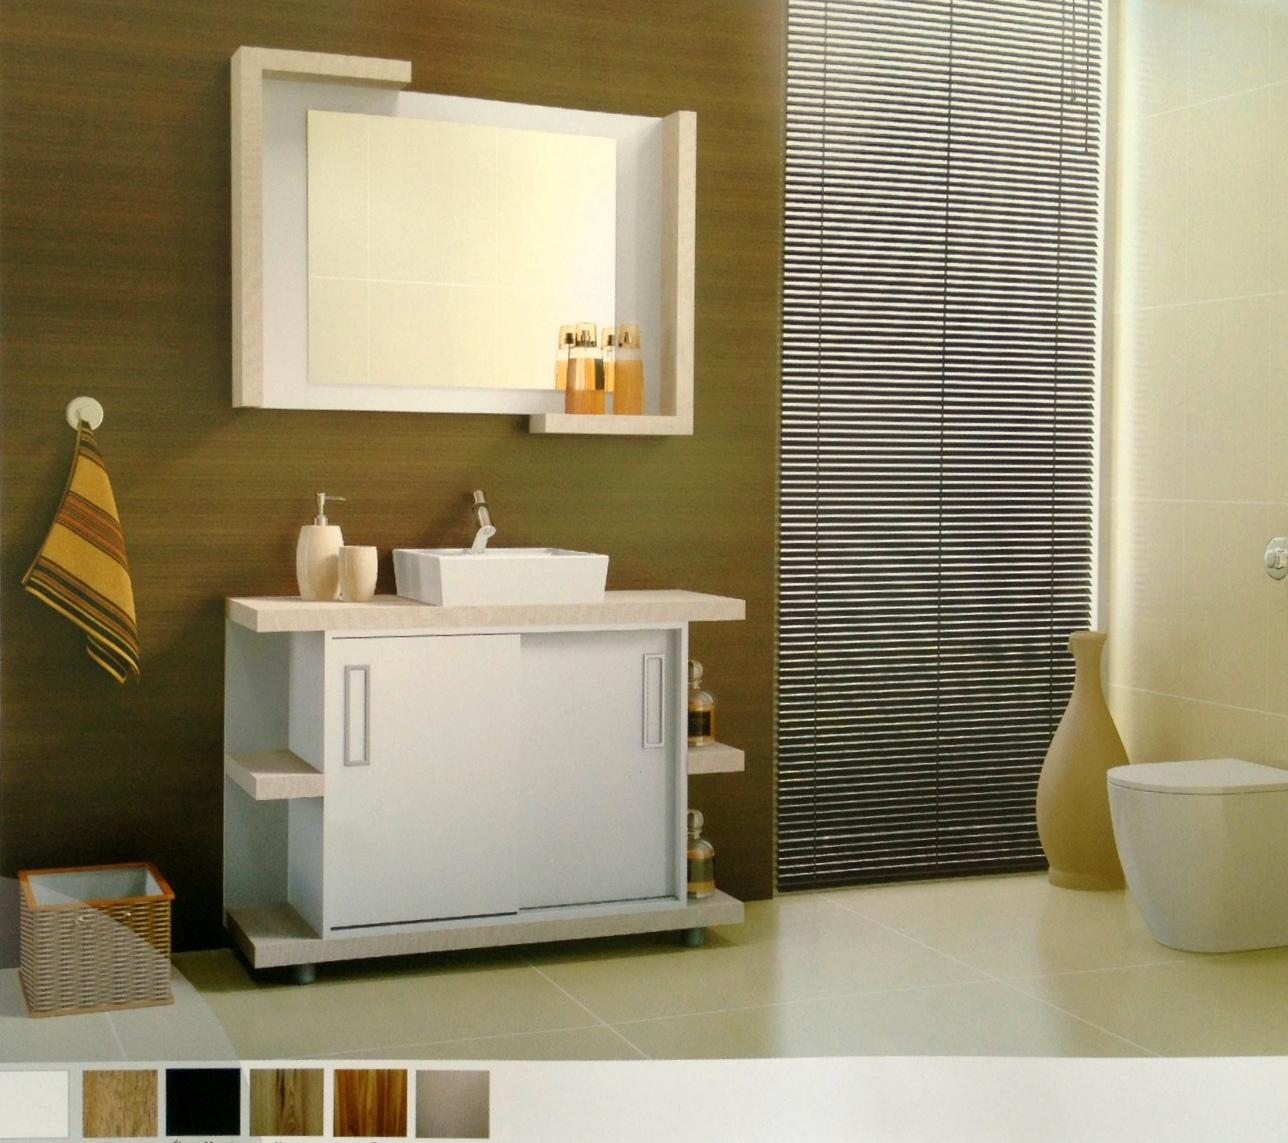 Clique aqui para visualizar a galeria completa #A47527 1288x1143 Balcao Banheiro 80cm